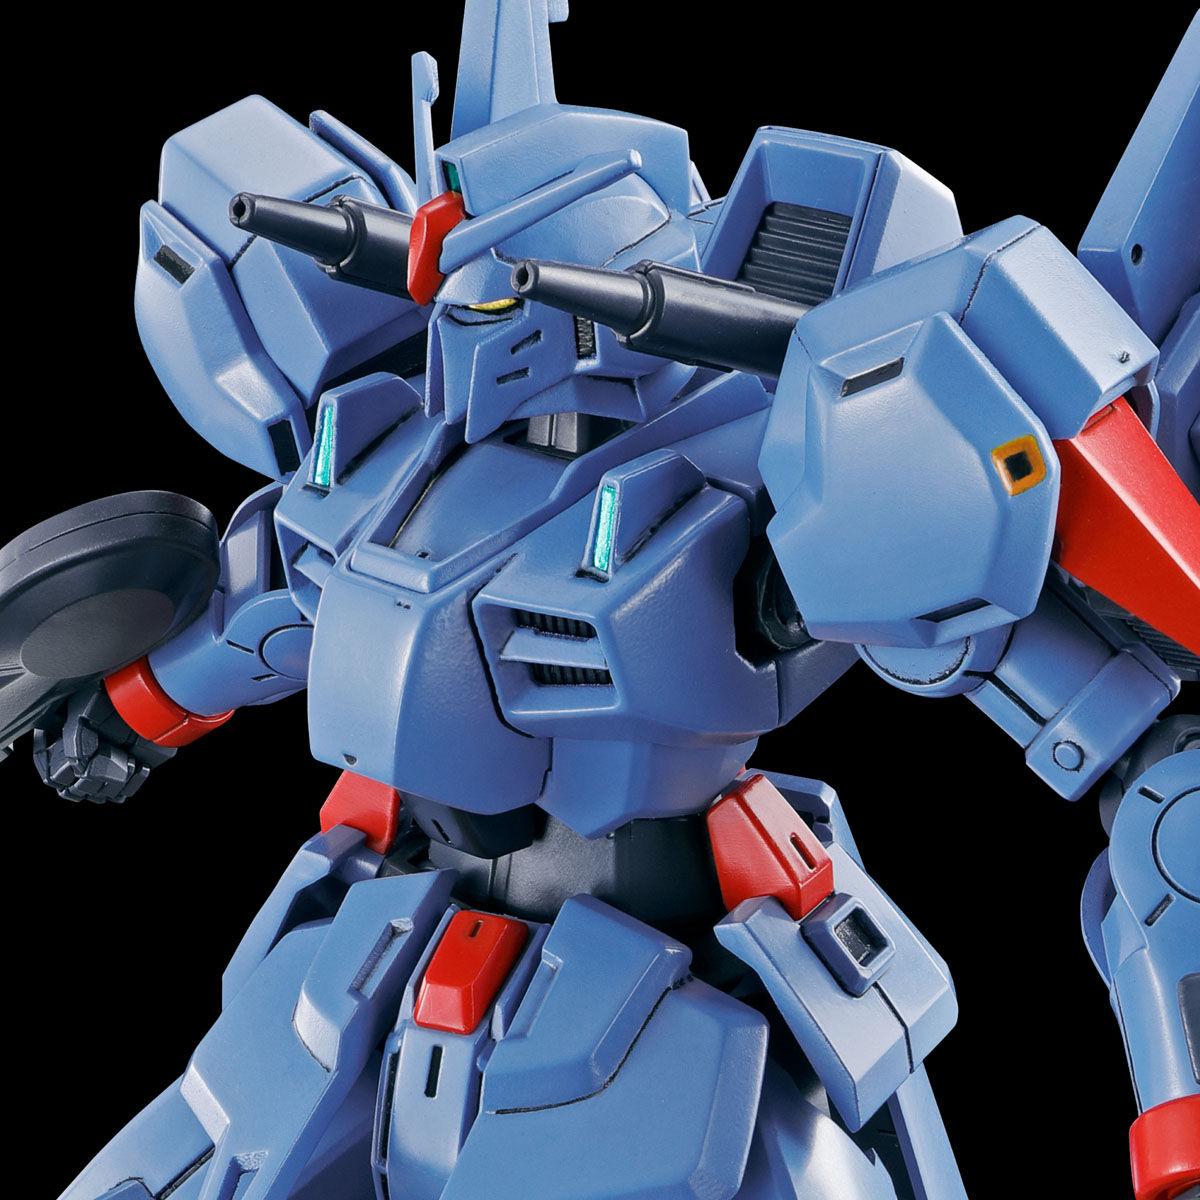 【限定販売】【2次】HG 1/144『ガンダムMk-III』Ζ-MSV プラモデル-001